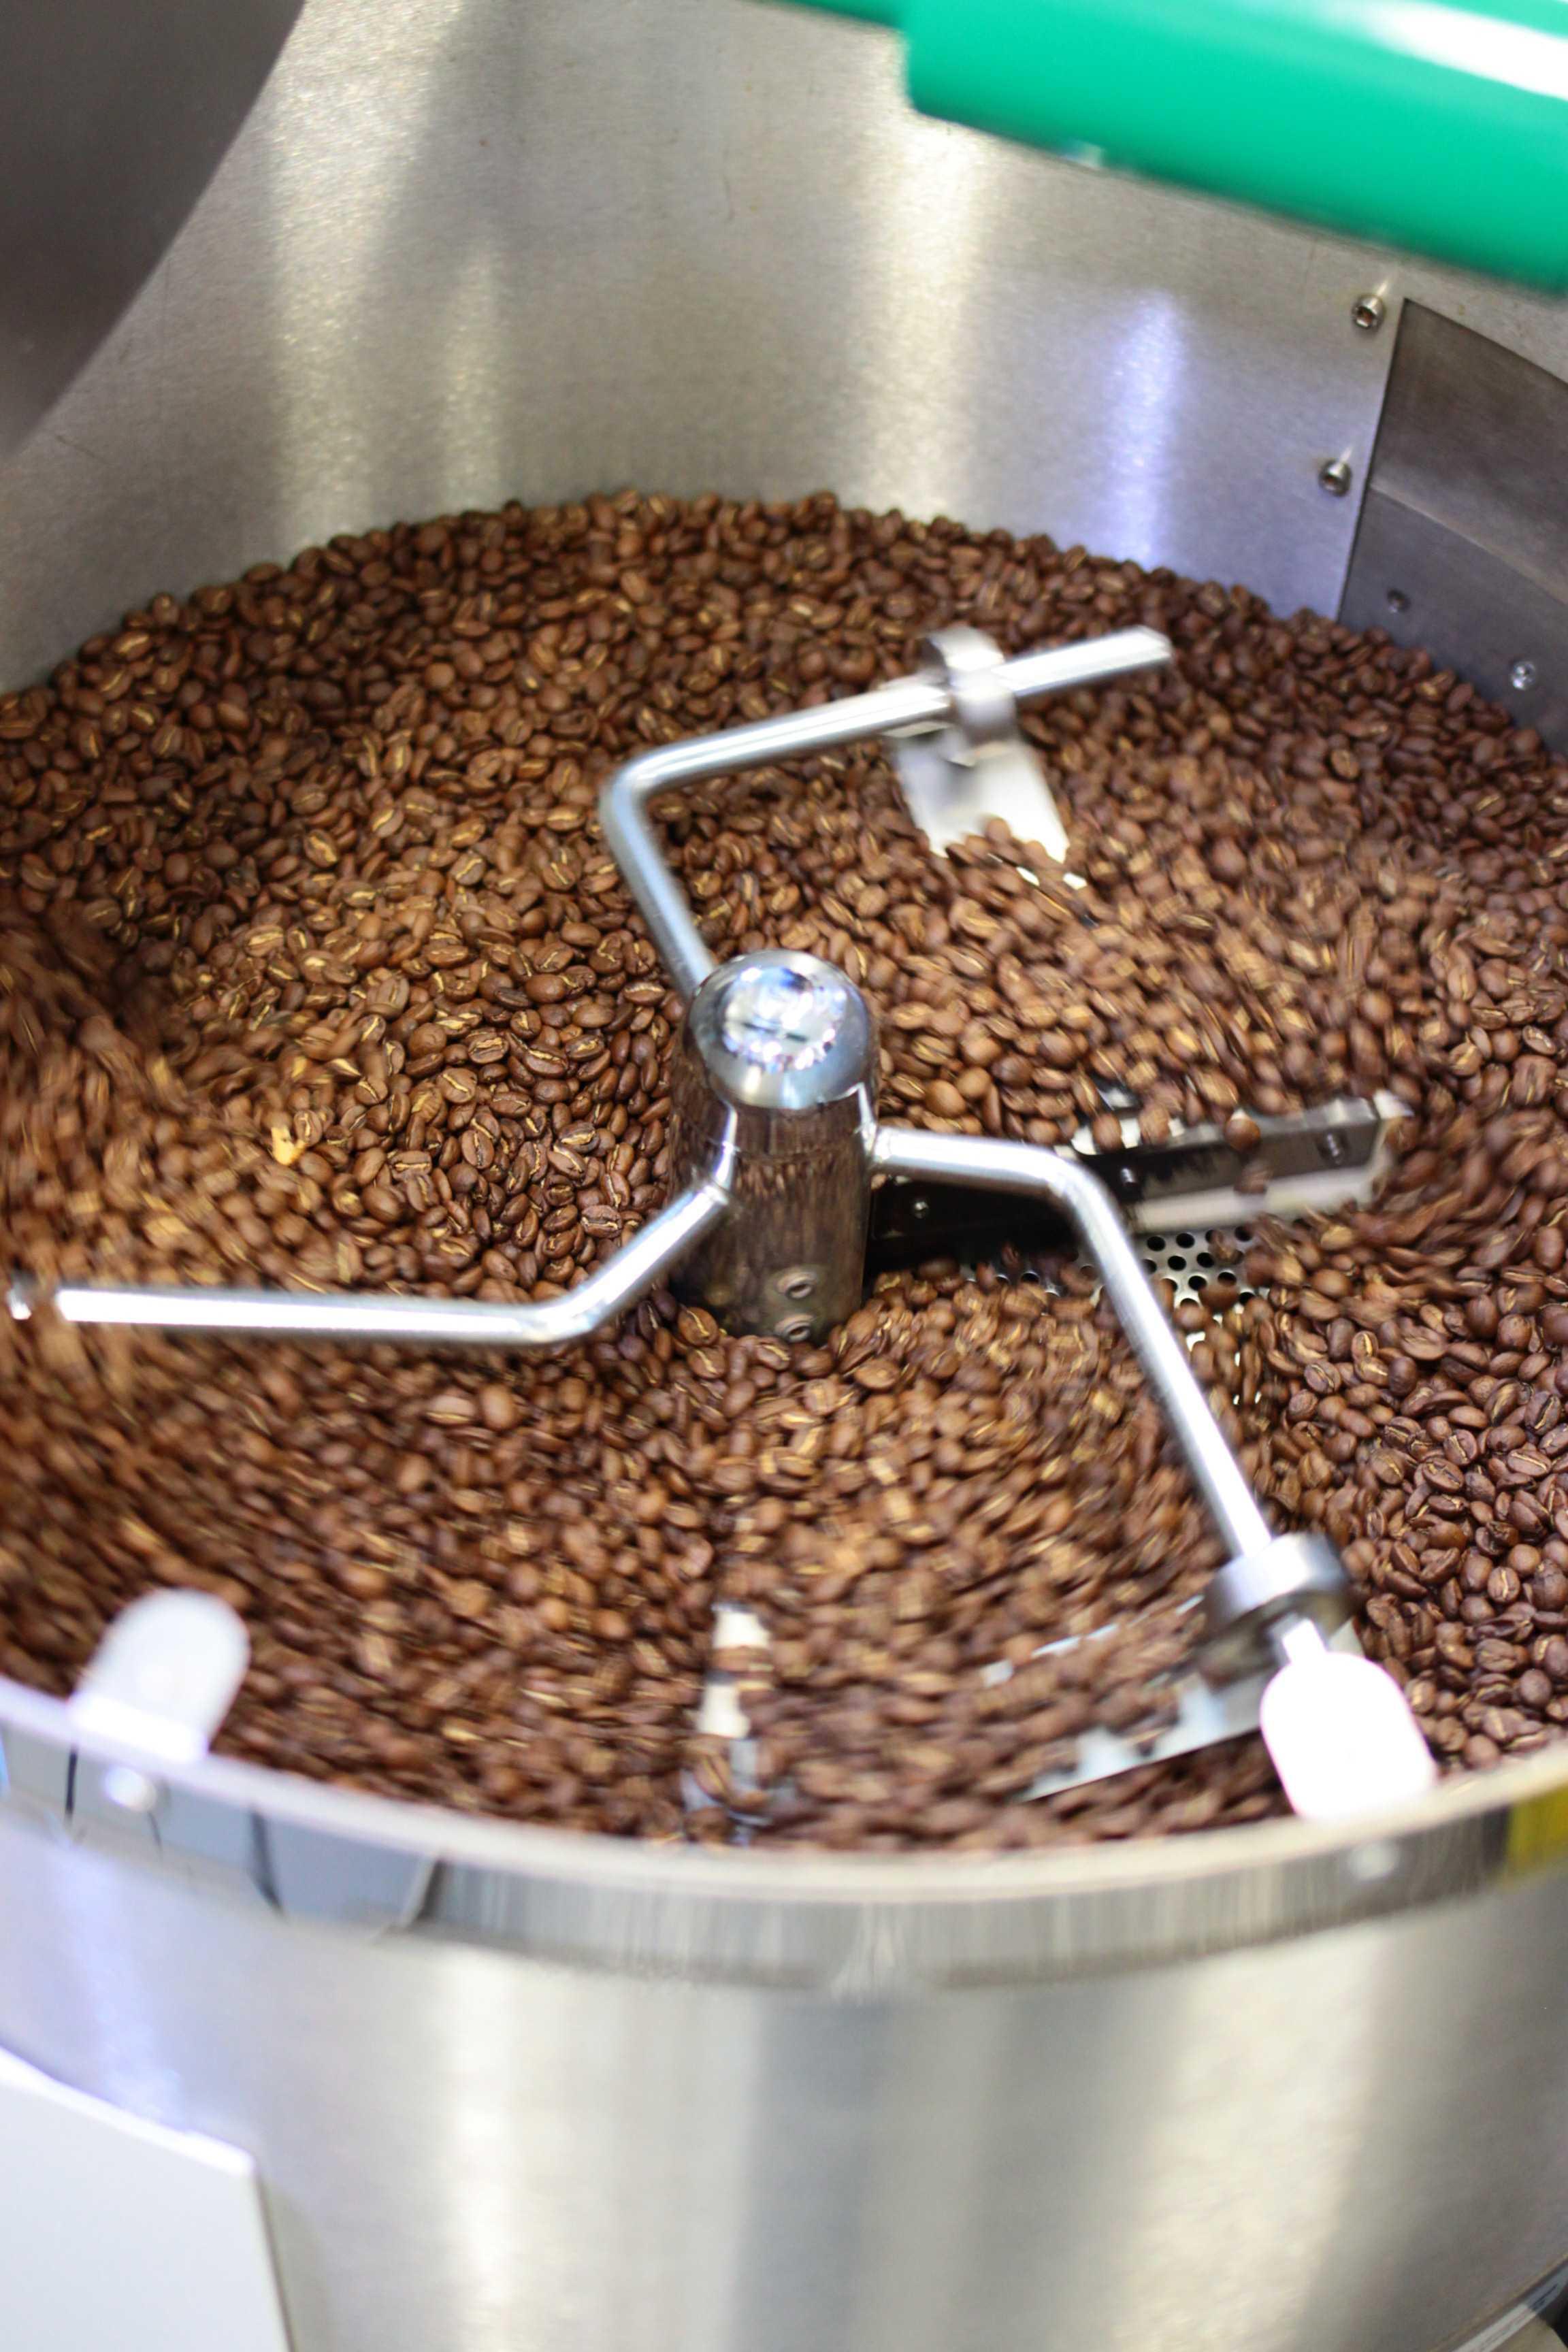 Geröstete Kaffeebohnen in der Kühlung eines Kaffeerösters.